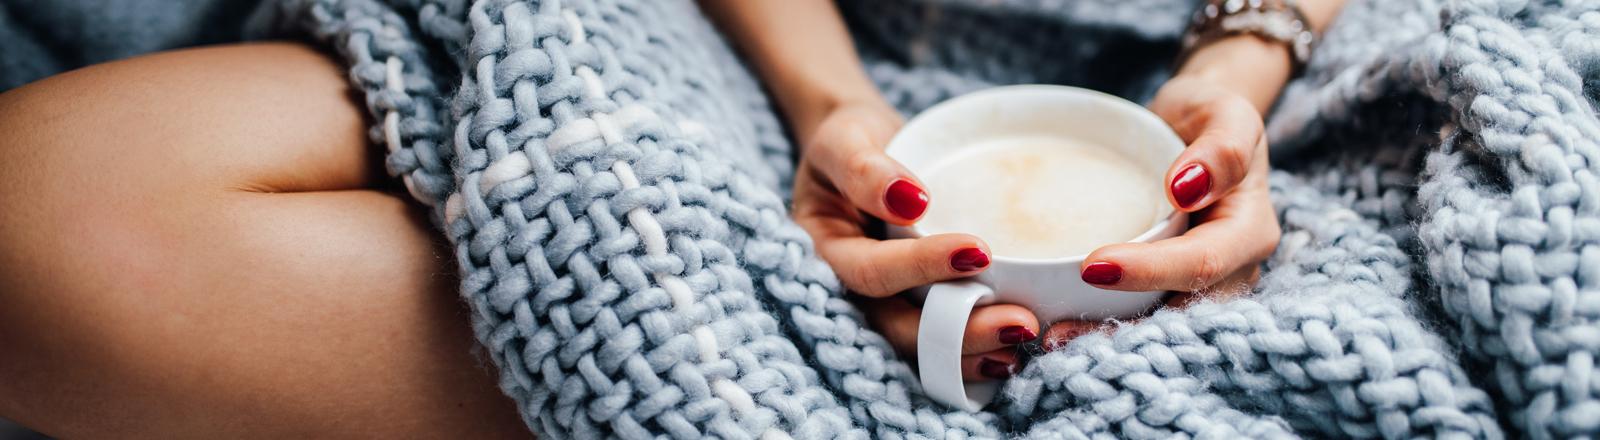 Frau in Decke gewickelt hält Tasse Kaffee in der Hand